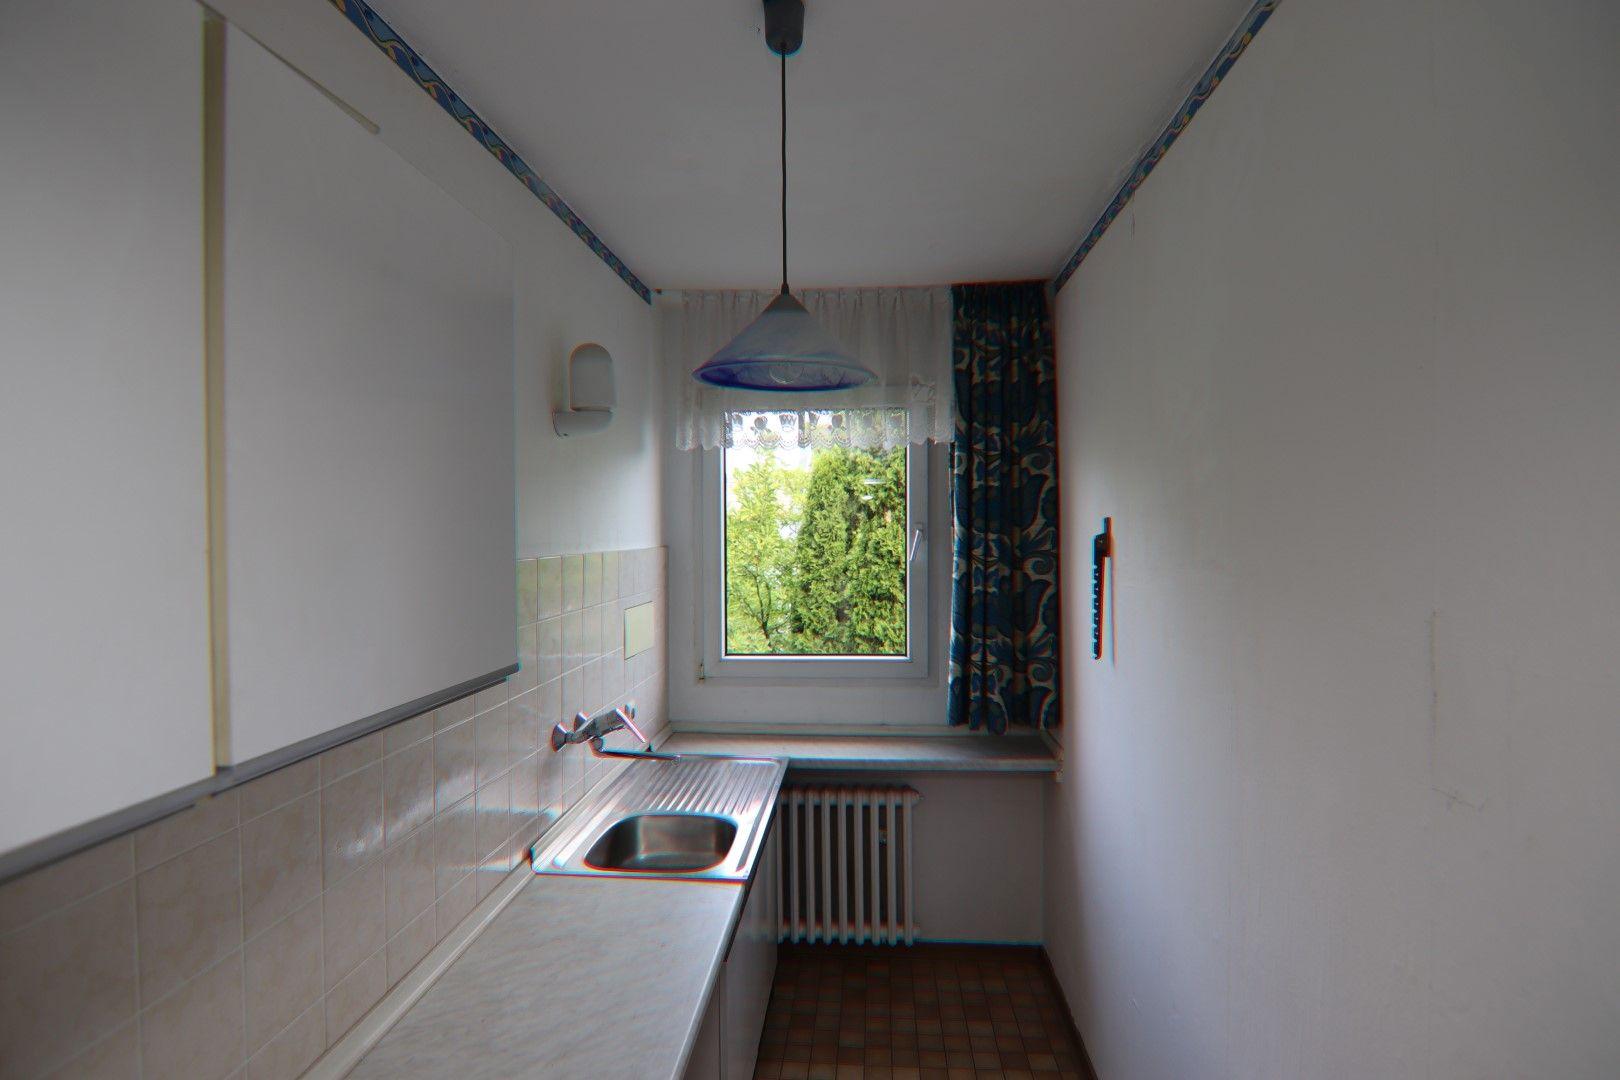 Immobilie Nr.0273 - Doppelhaushälfte in WEG mit Garten & Terrasse - Bild 16.jpg